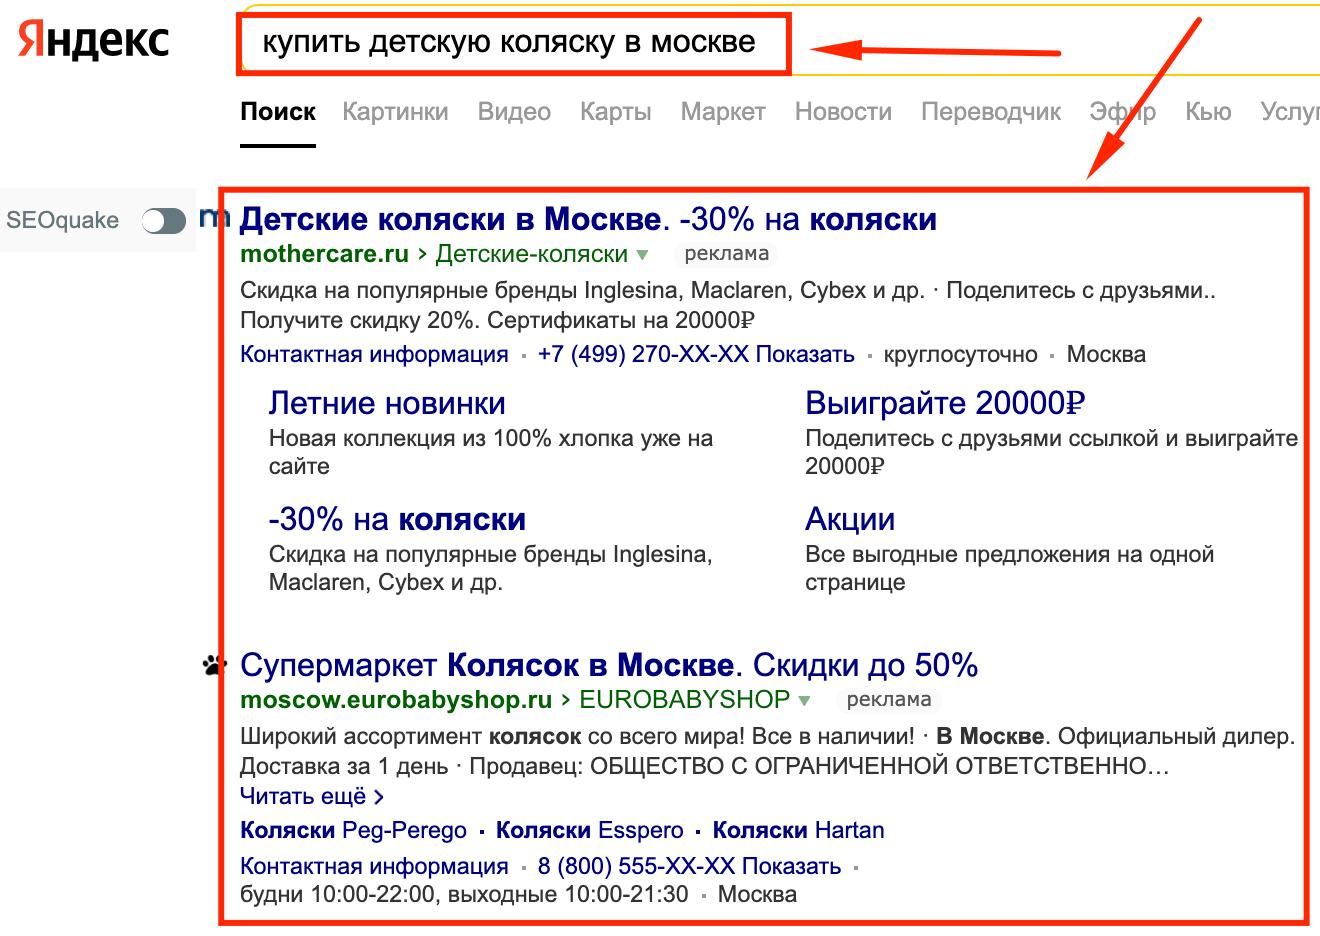 Поисковая реклама Яндекс.Директ по запросу купить детскую коляску в Москве